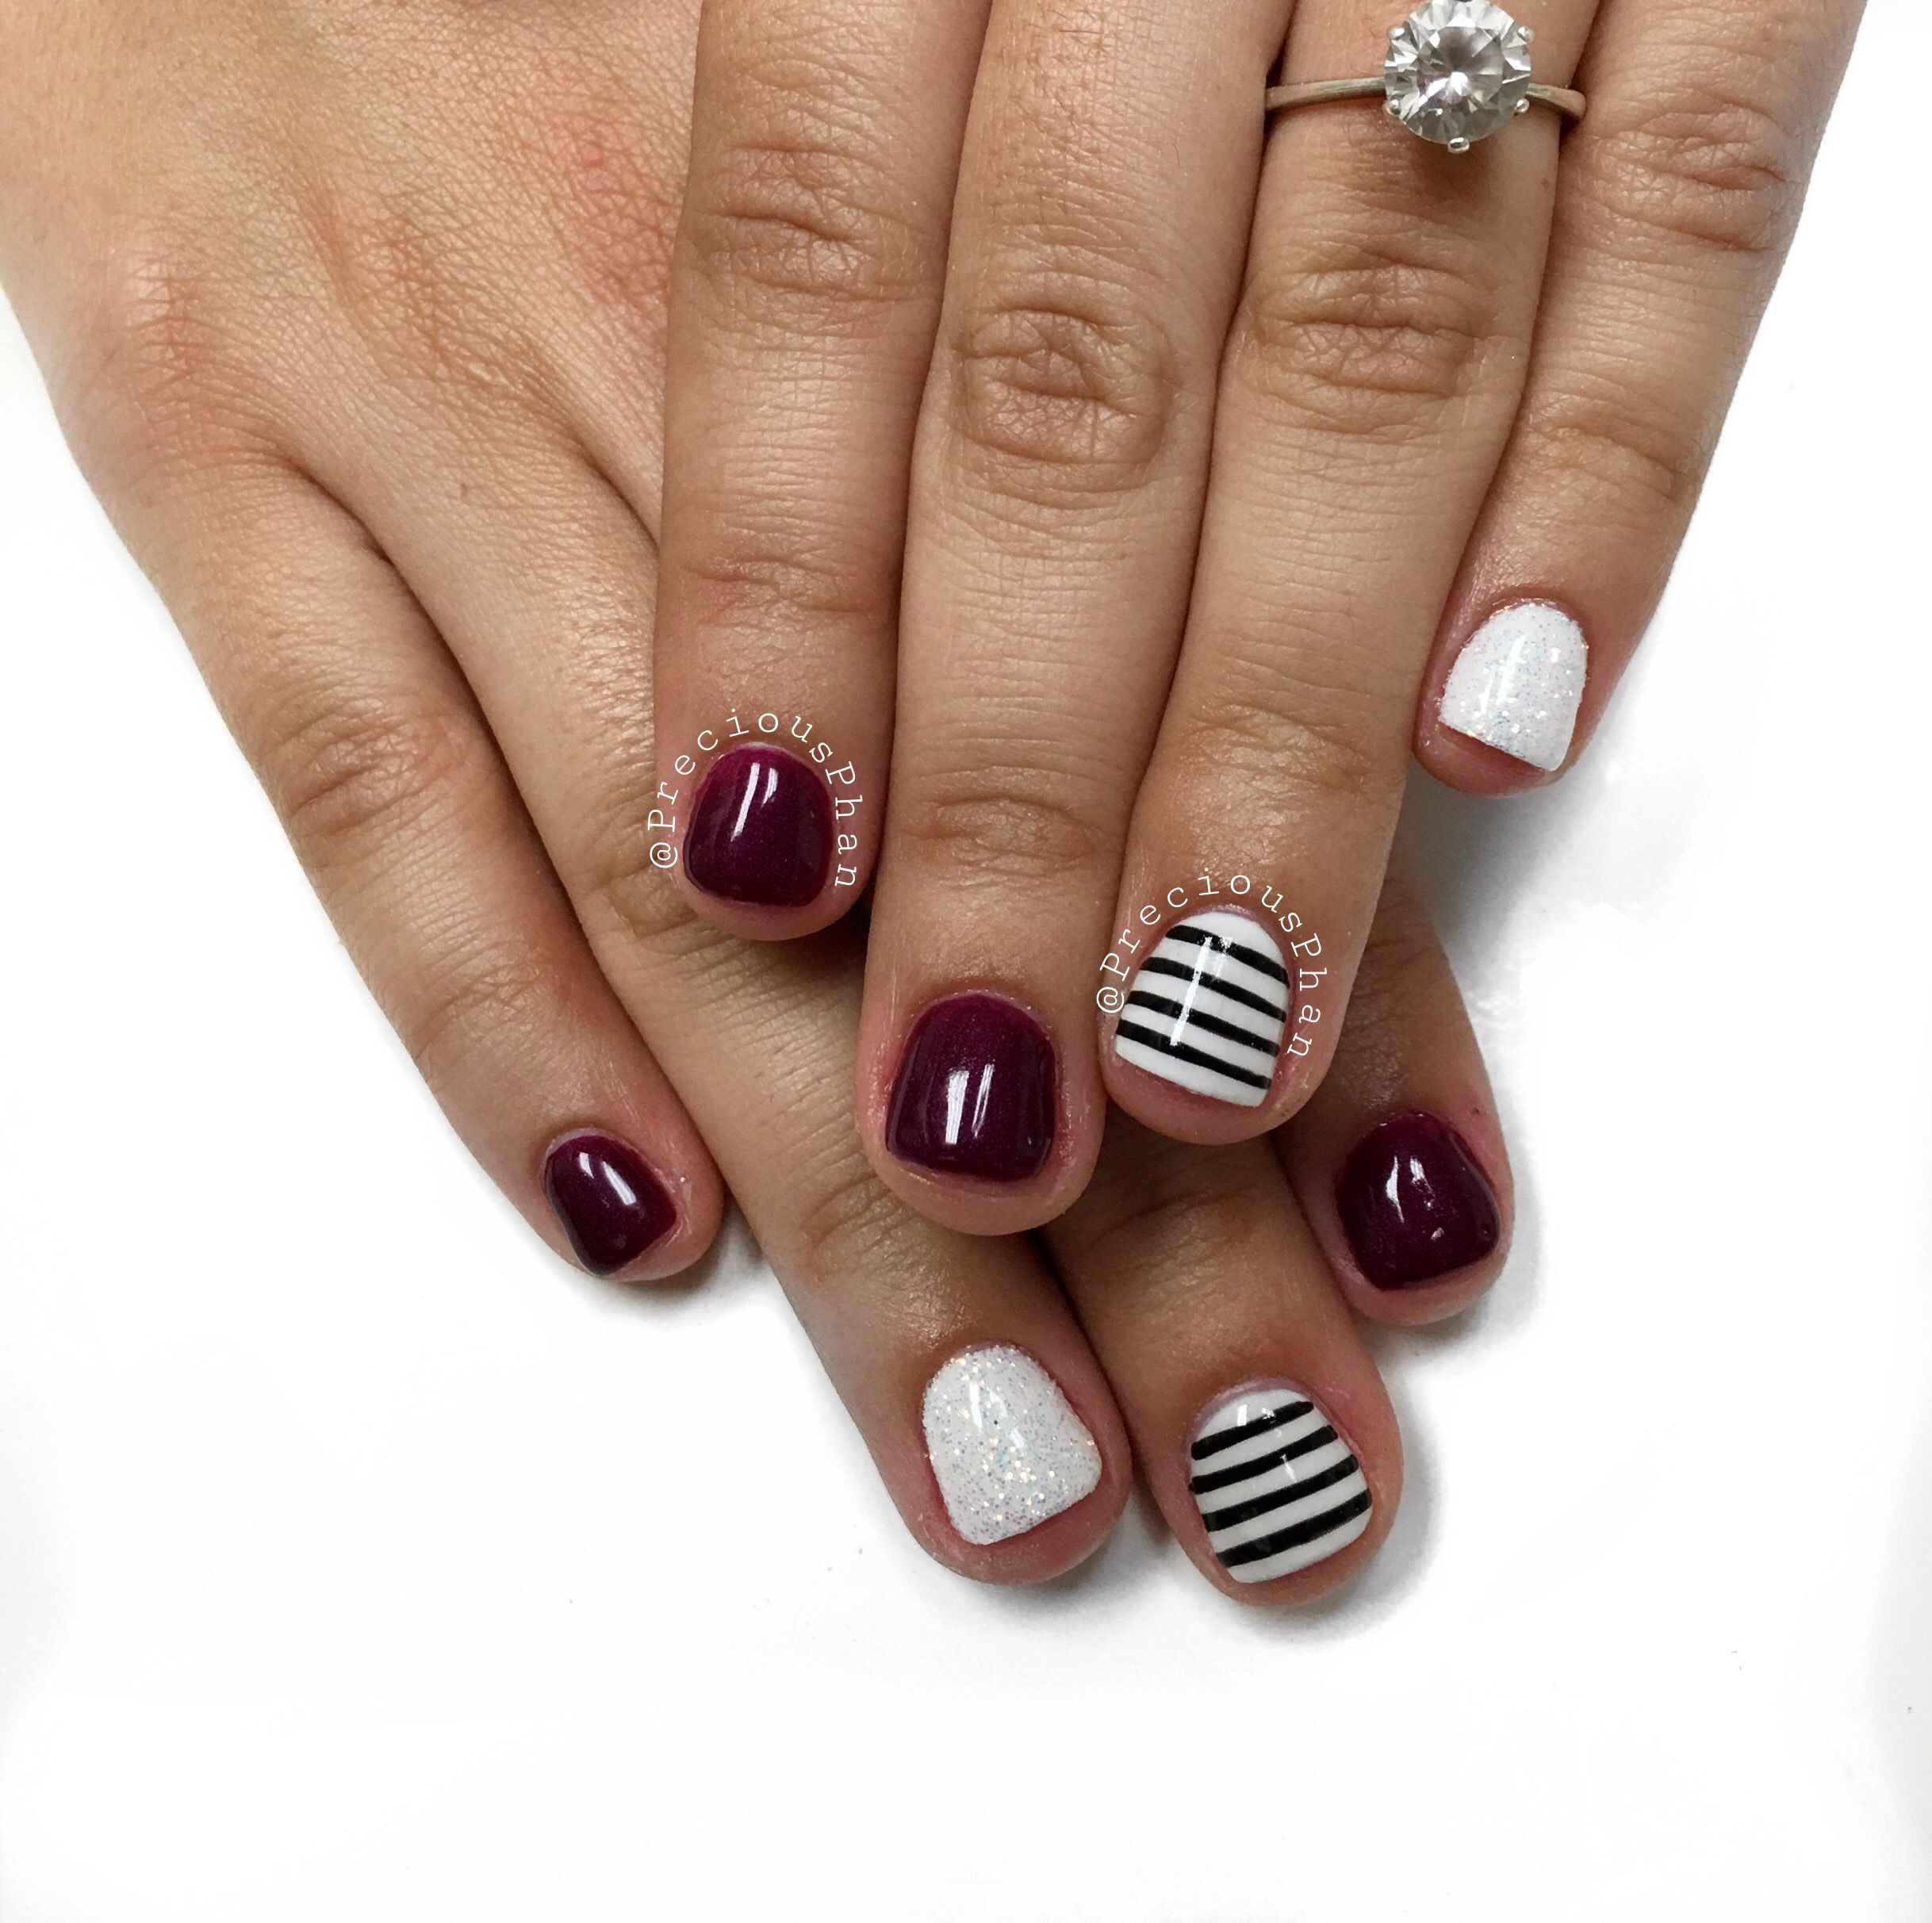 Nails Autumn: White Black And Maroon Nails. Fall Nails. #PreciousPhan